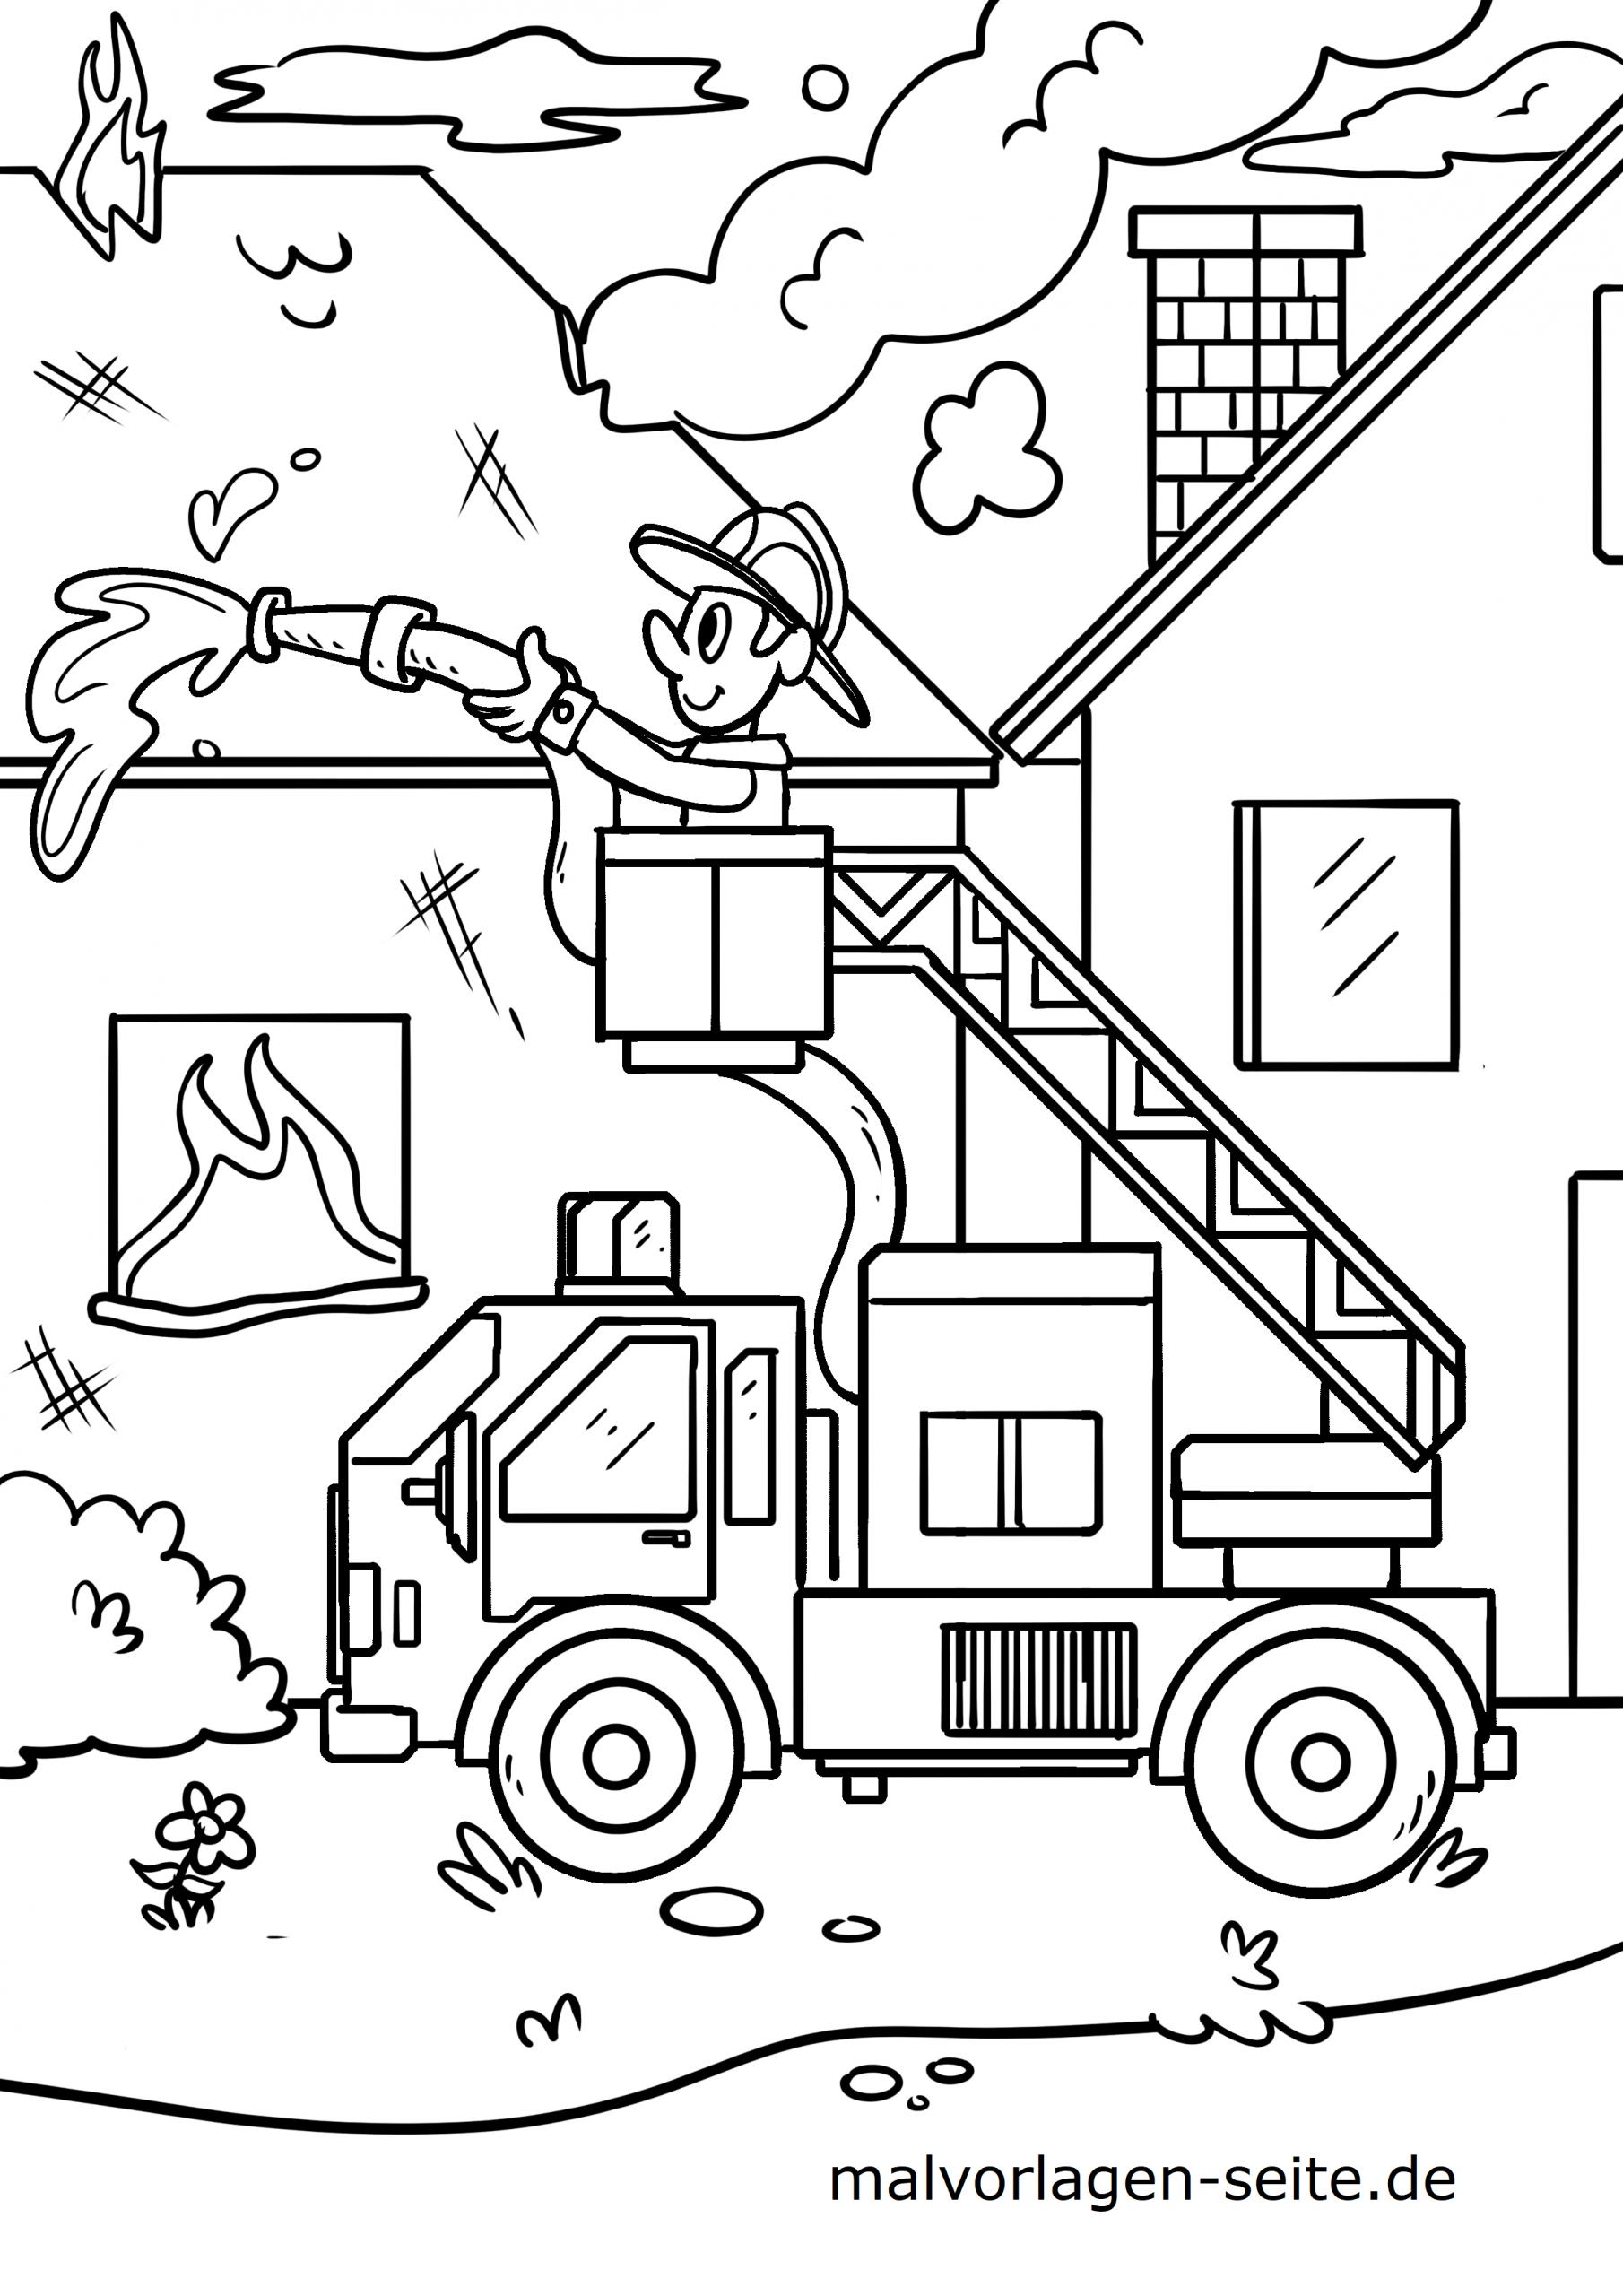 Ausmalbilder Feuerwehr Kostenlos Drucken Und Ausmalen Lassen für Feuerwehrauto Zum Ausmalen